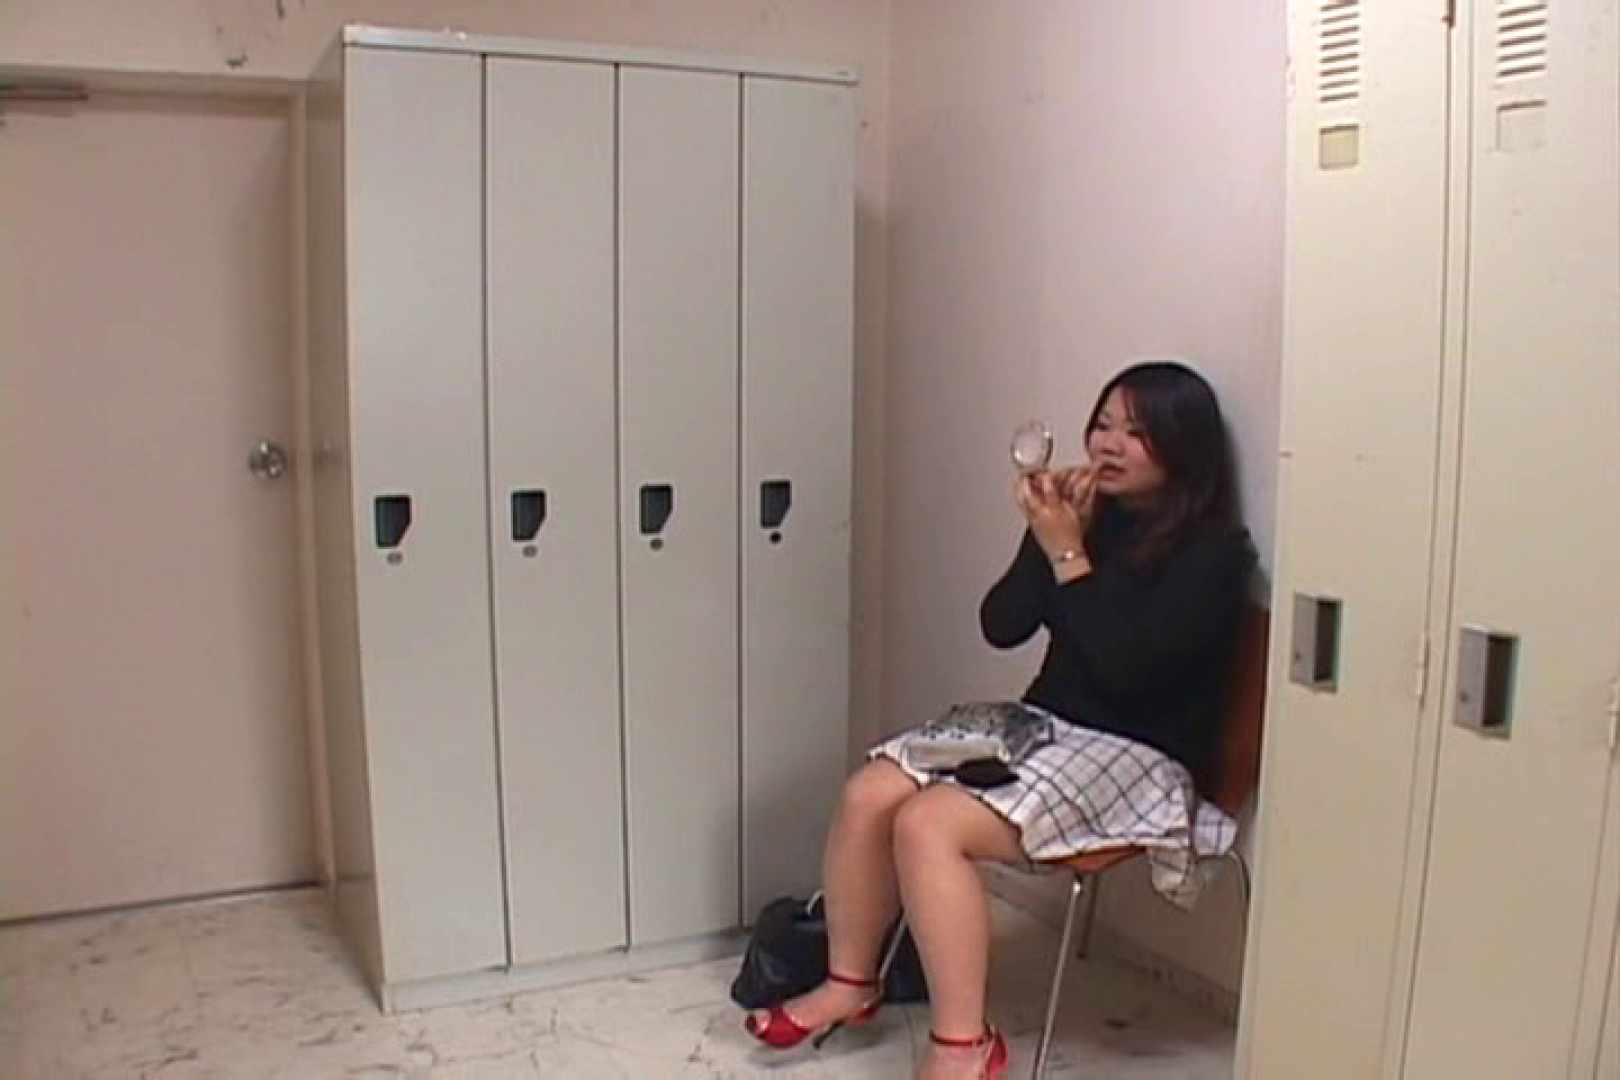 キャバ嬢舞台裏Vol.5 エッチなキャバ嬢 | 盗撮  22pic 13